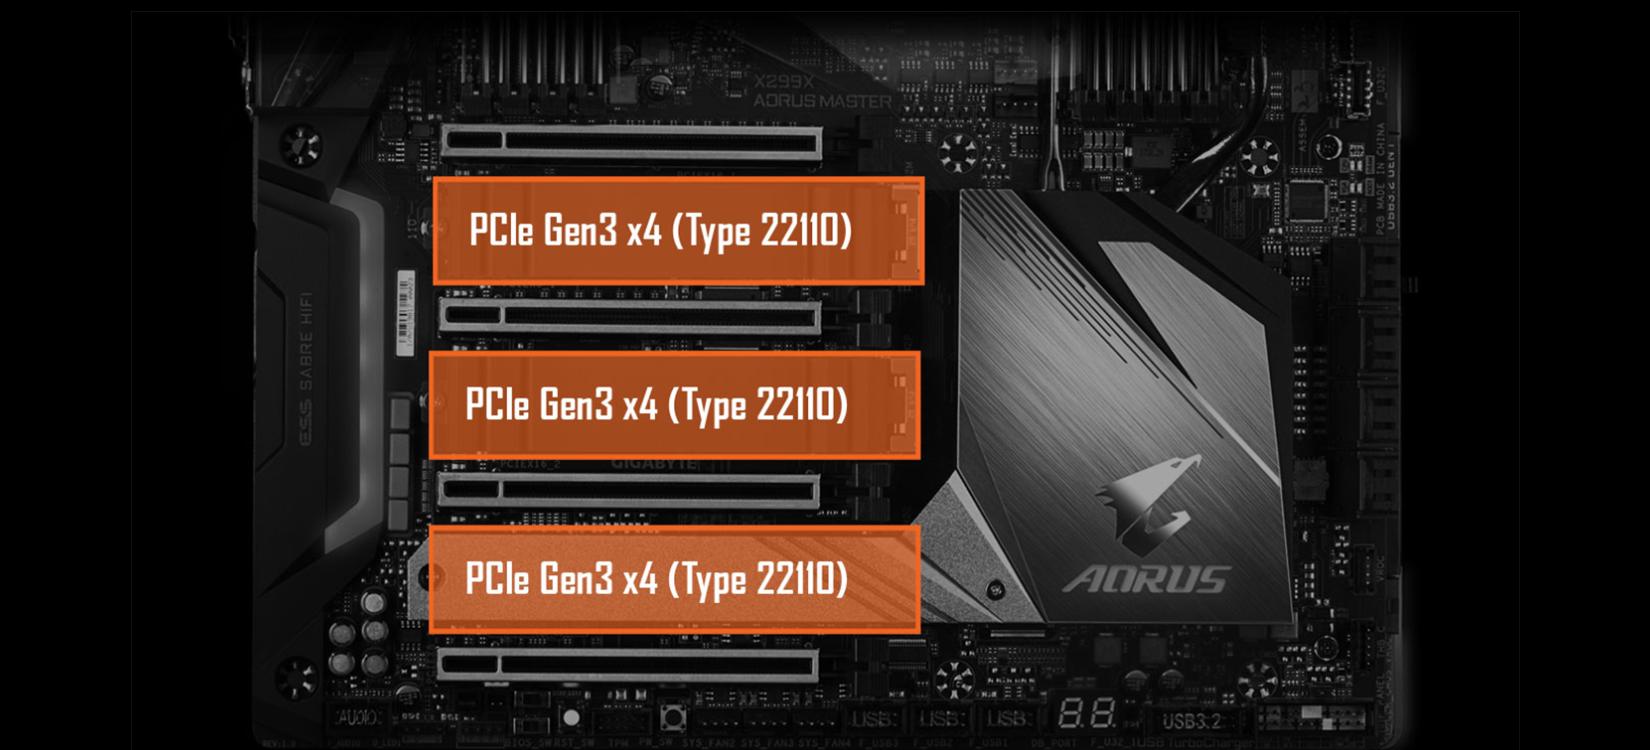 Hieu Nang Mainboard Gigabyte X299X AORUS MASTER